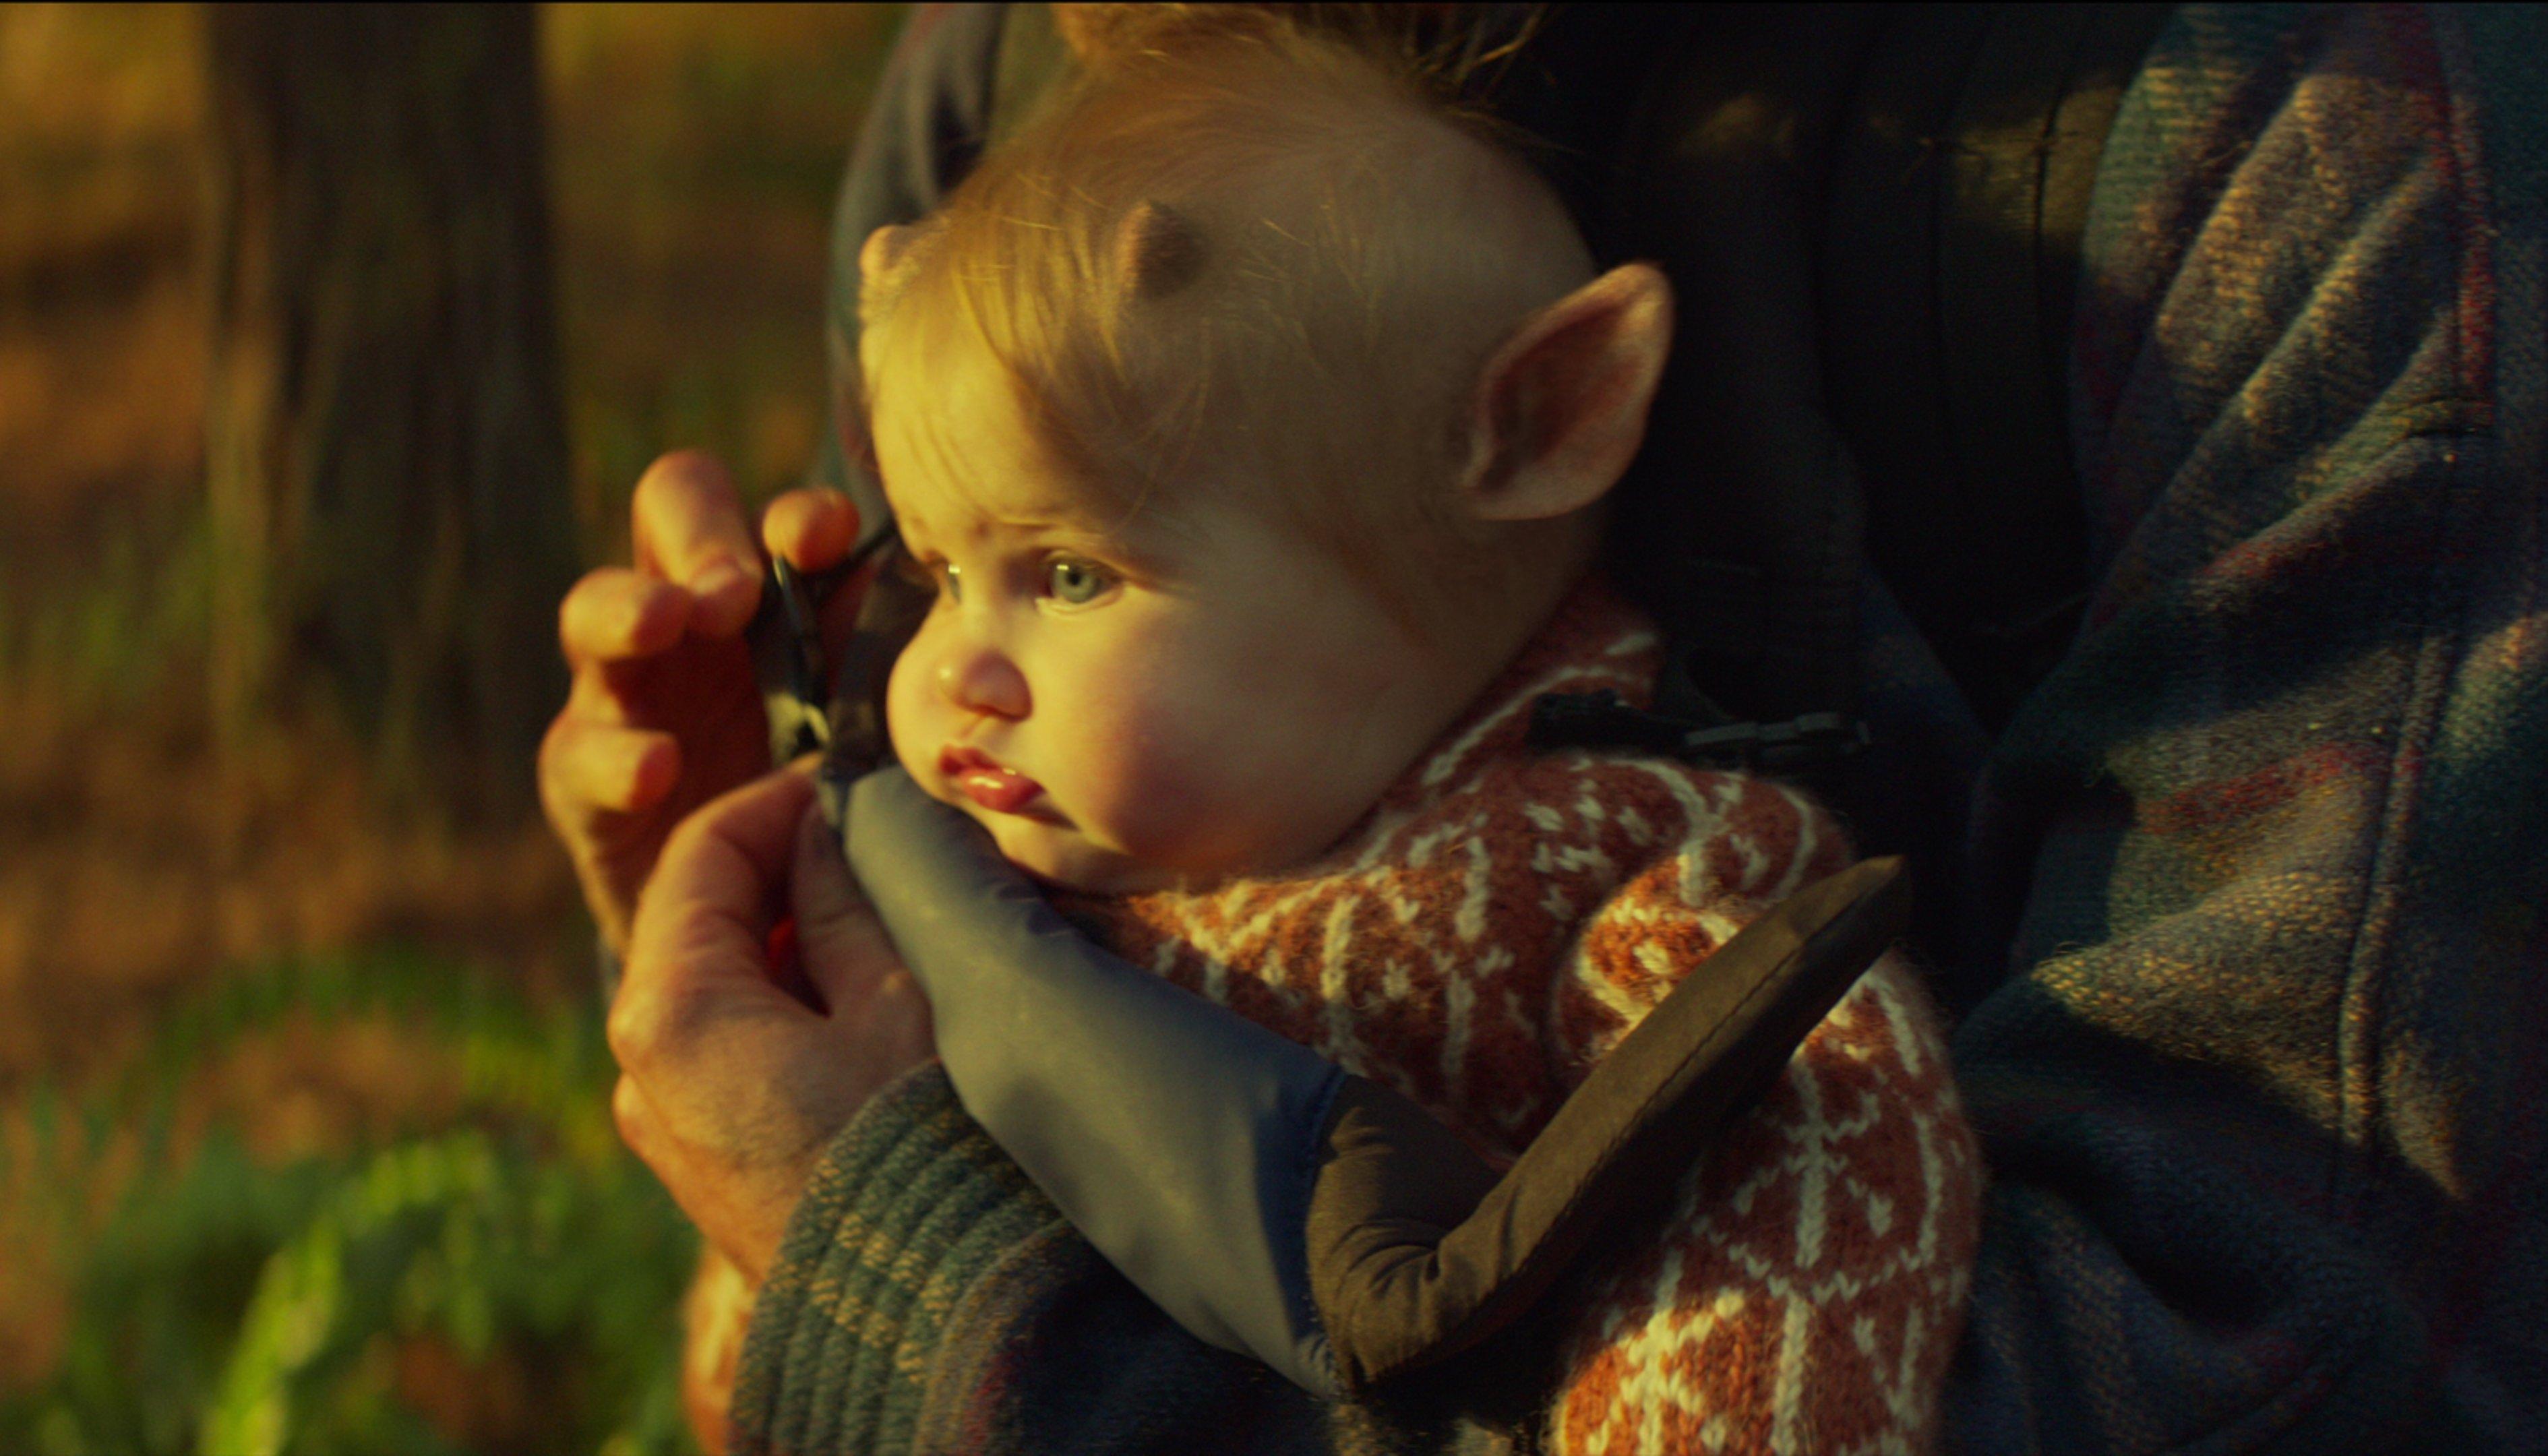 Um bebê com pequenos chifres e orelhas de veado